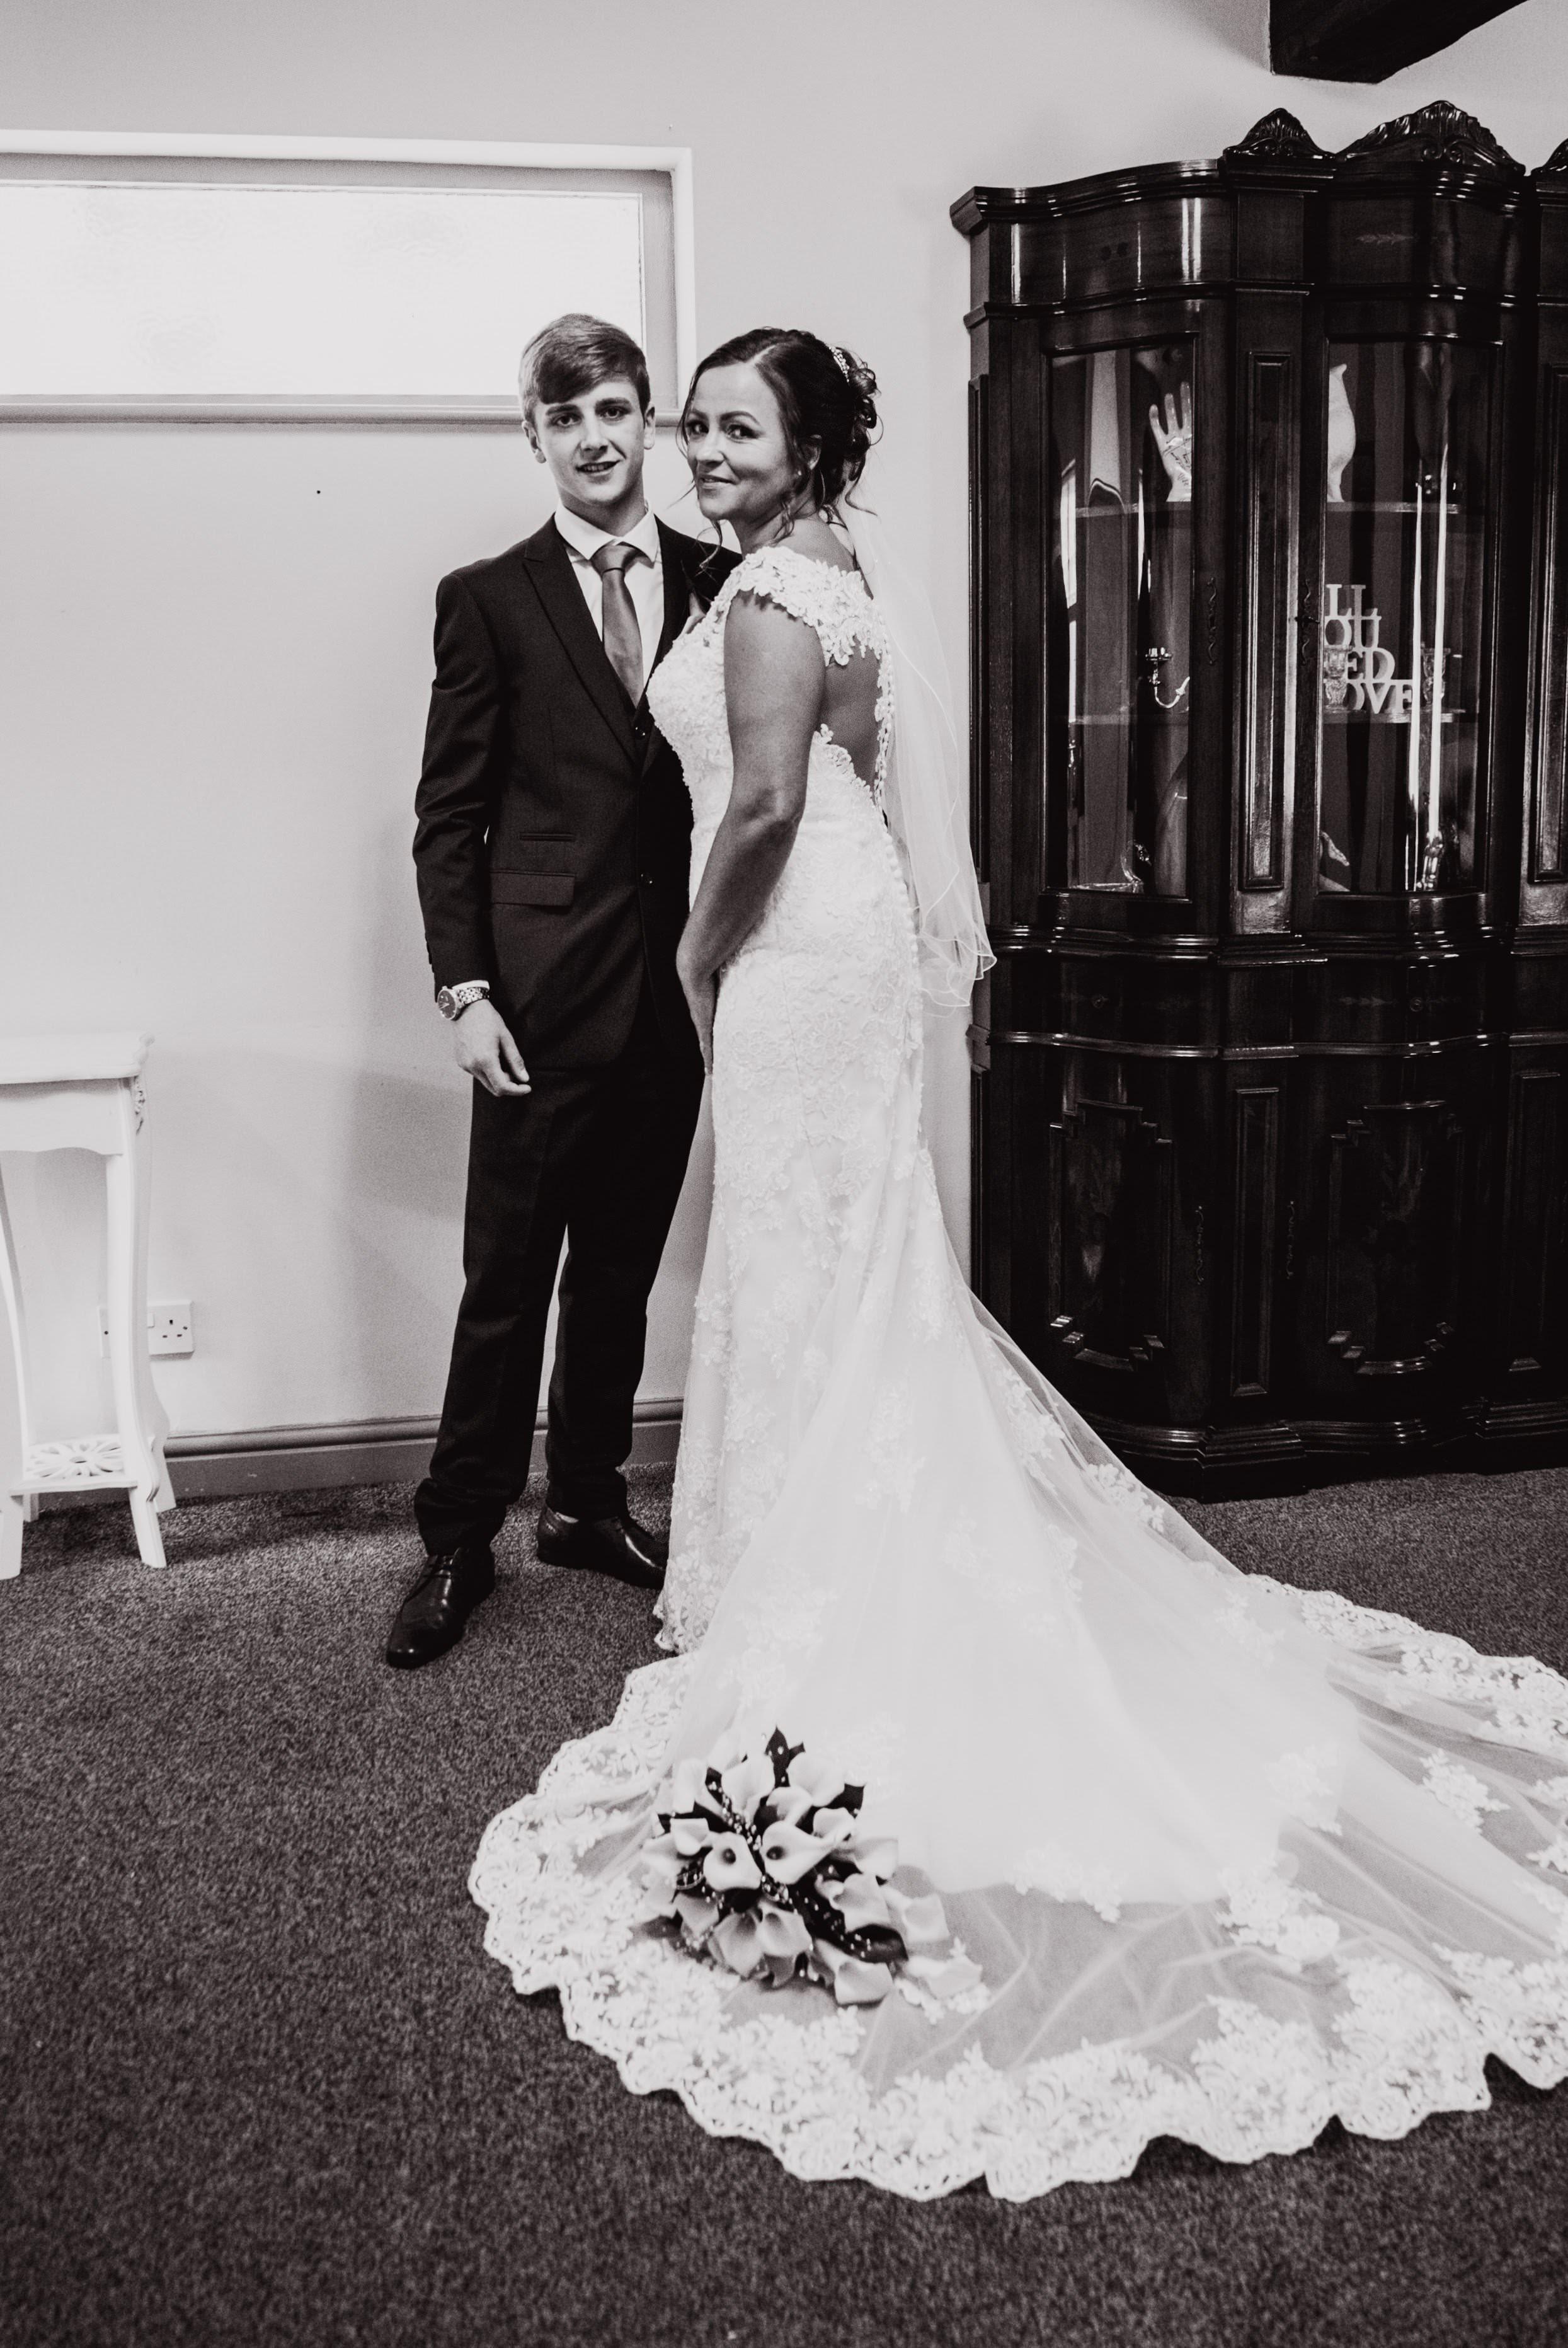 Dimple Well Lodge Wedding | Rachel & Tony 17